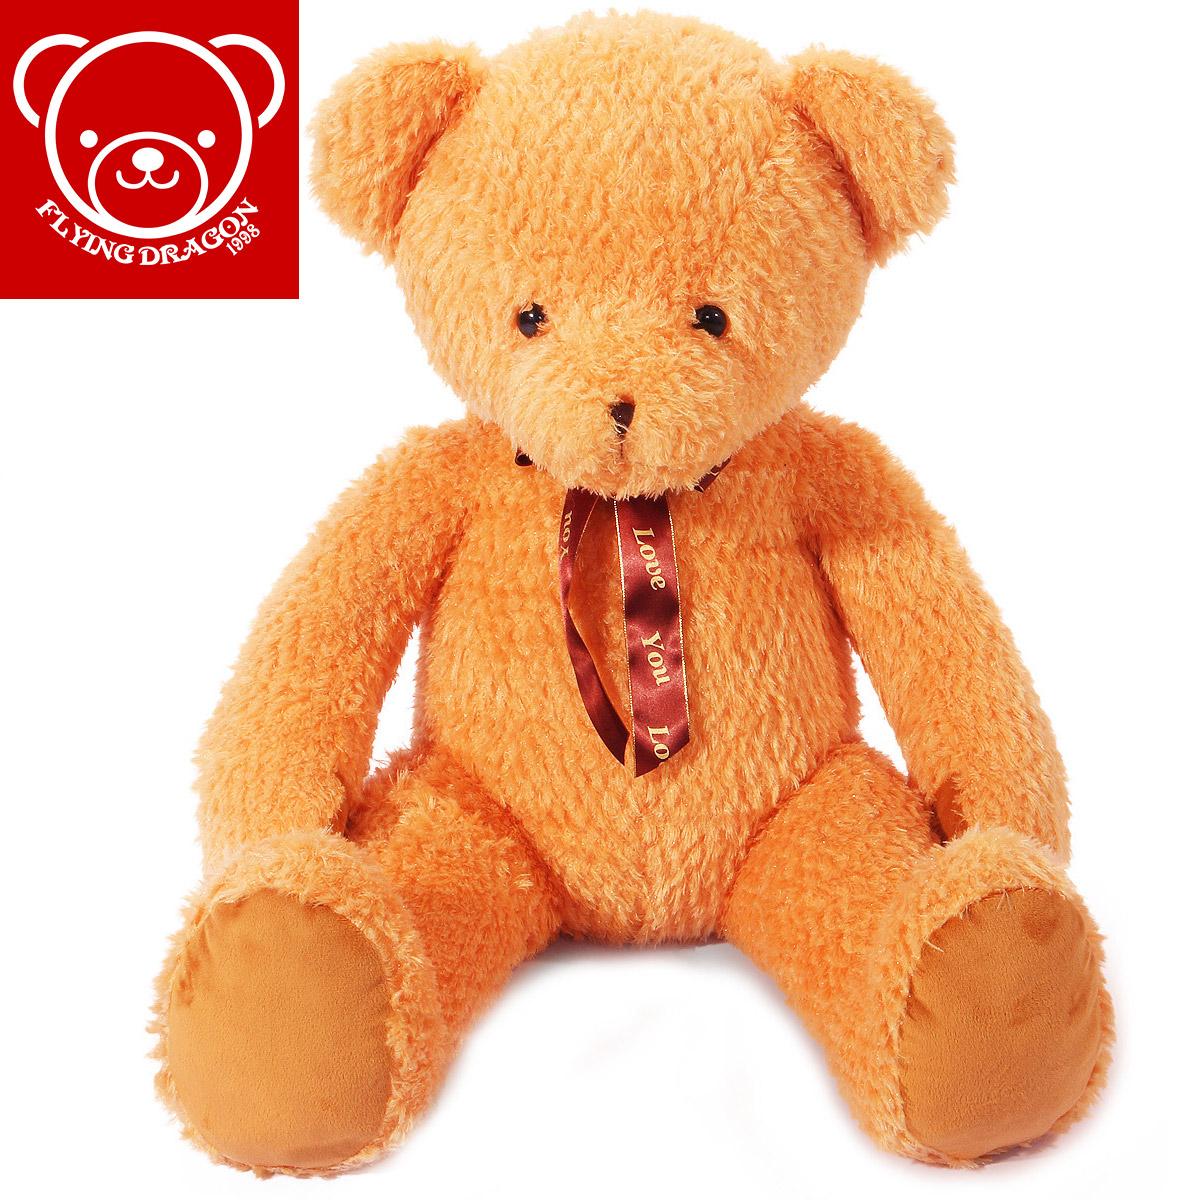 飘飘龙玩偶公仔 大号毛绒玩具 害羞熊 布娃娃 可爱布偶生日礼物女